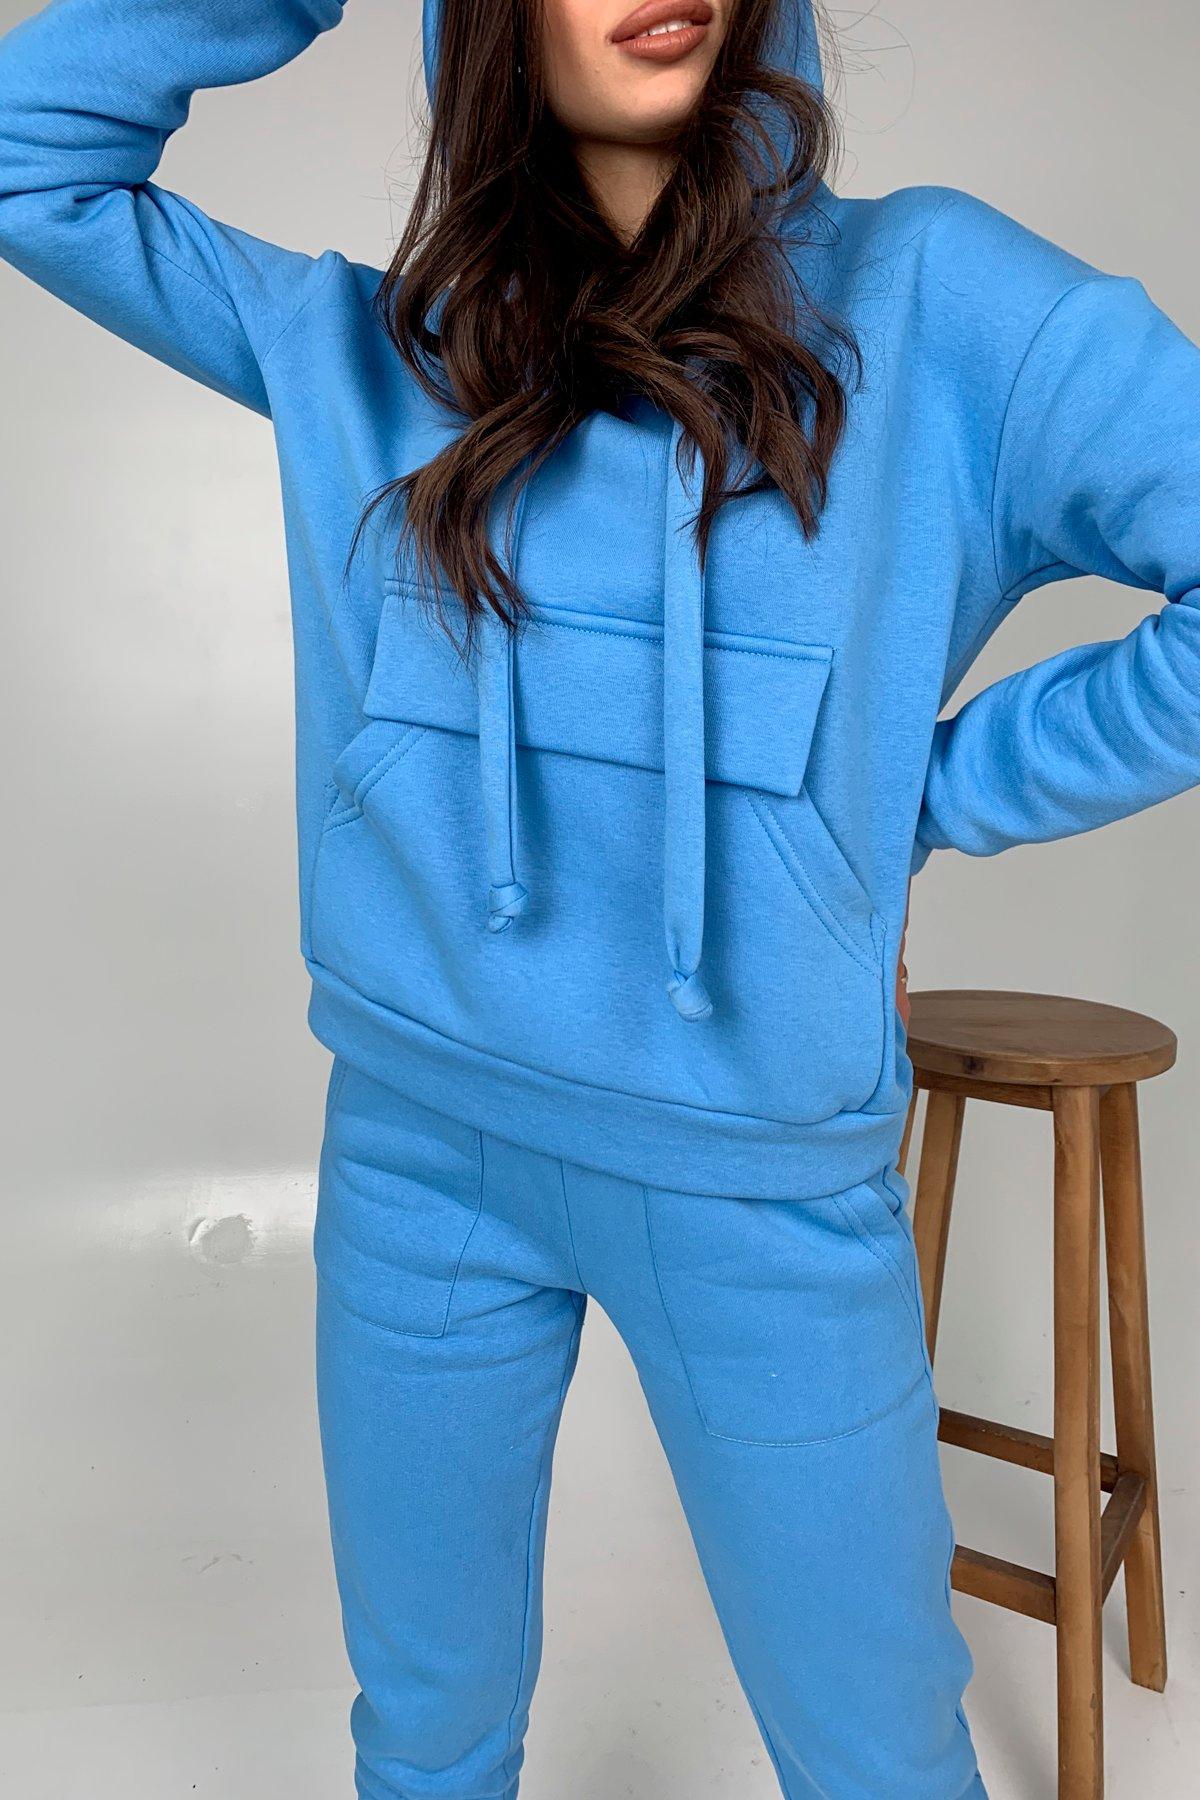 Бруклин  прогулочный костюм 3х нитка с начесом  9663 АРТ. 46462 Цвет: Голубой 1 - фото 5, интернет магазин tm-modus.ru